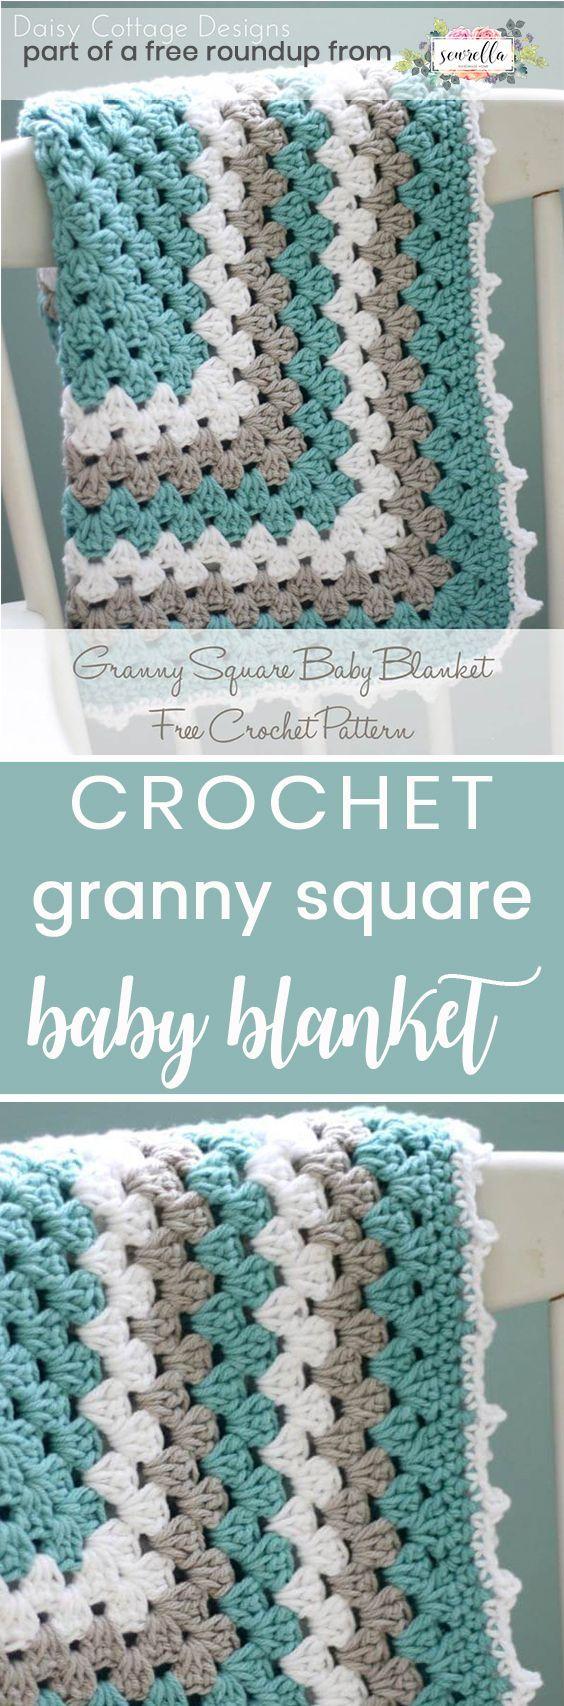 Crochet this easy beginner friendly granny stitch boys baby blanket ...